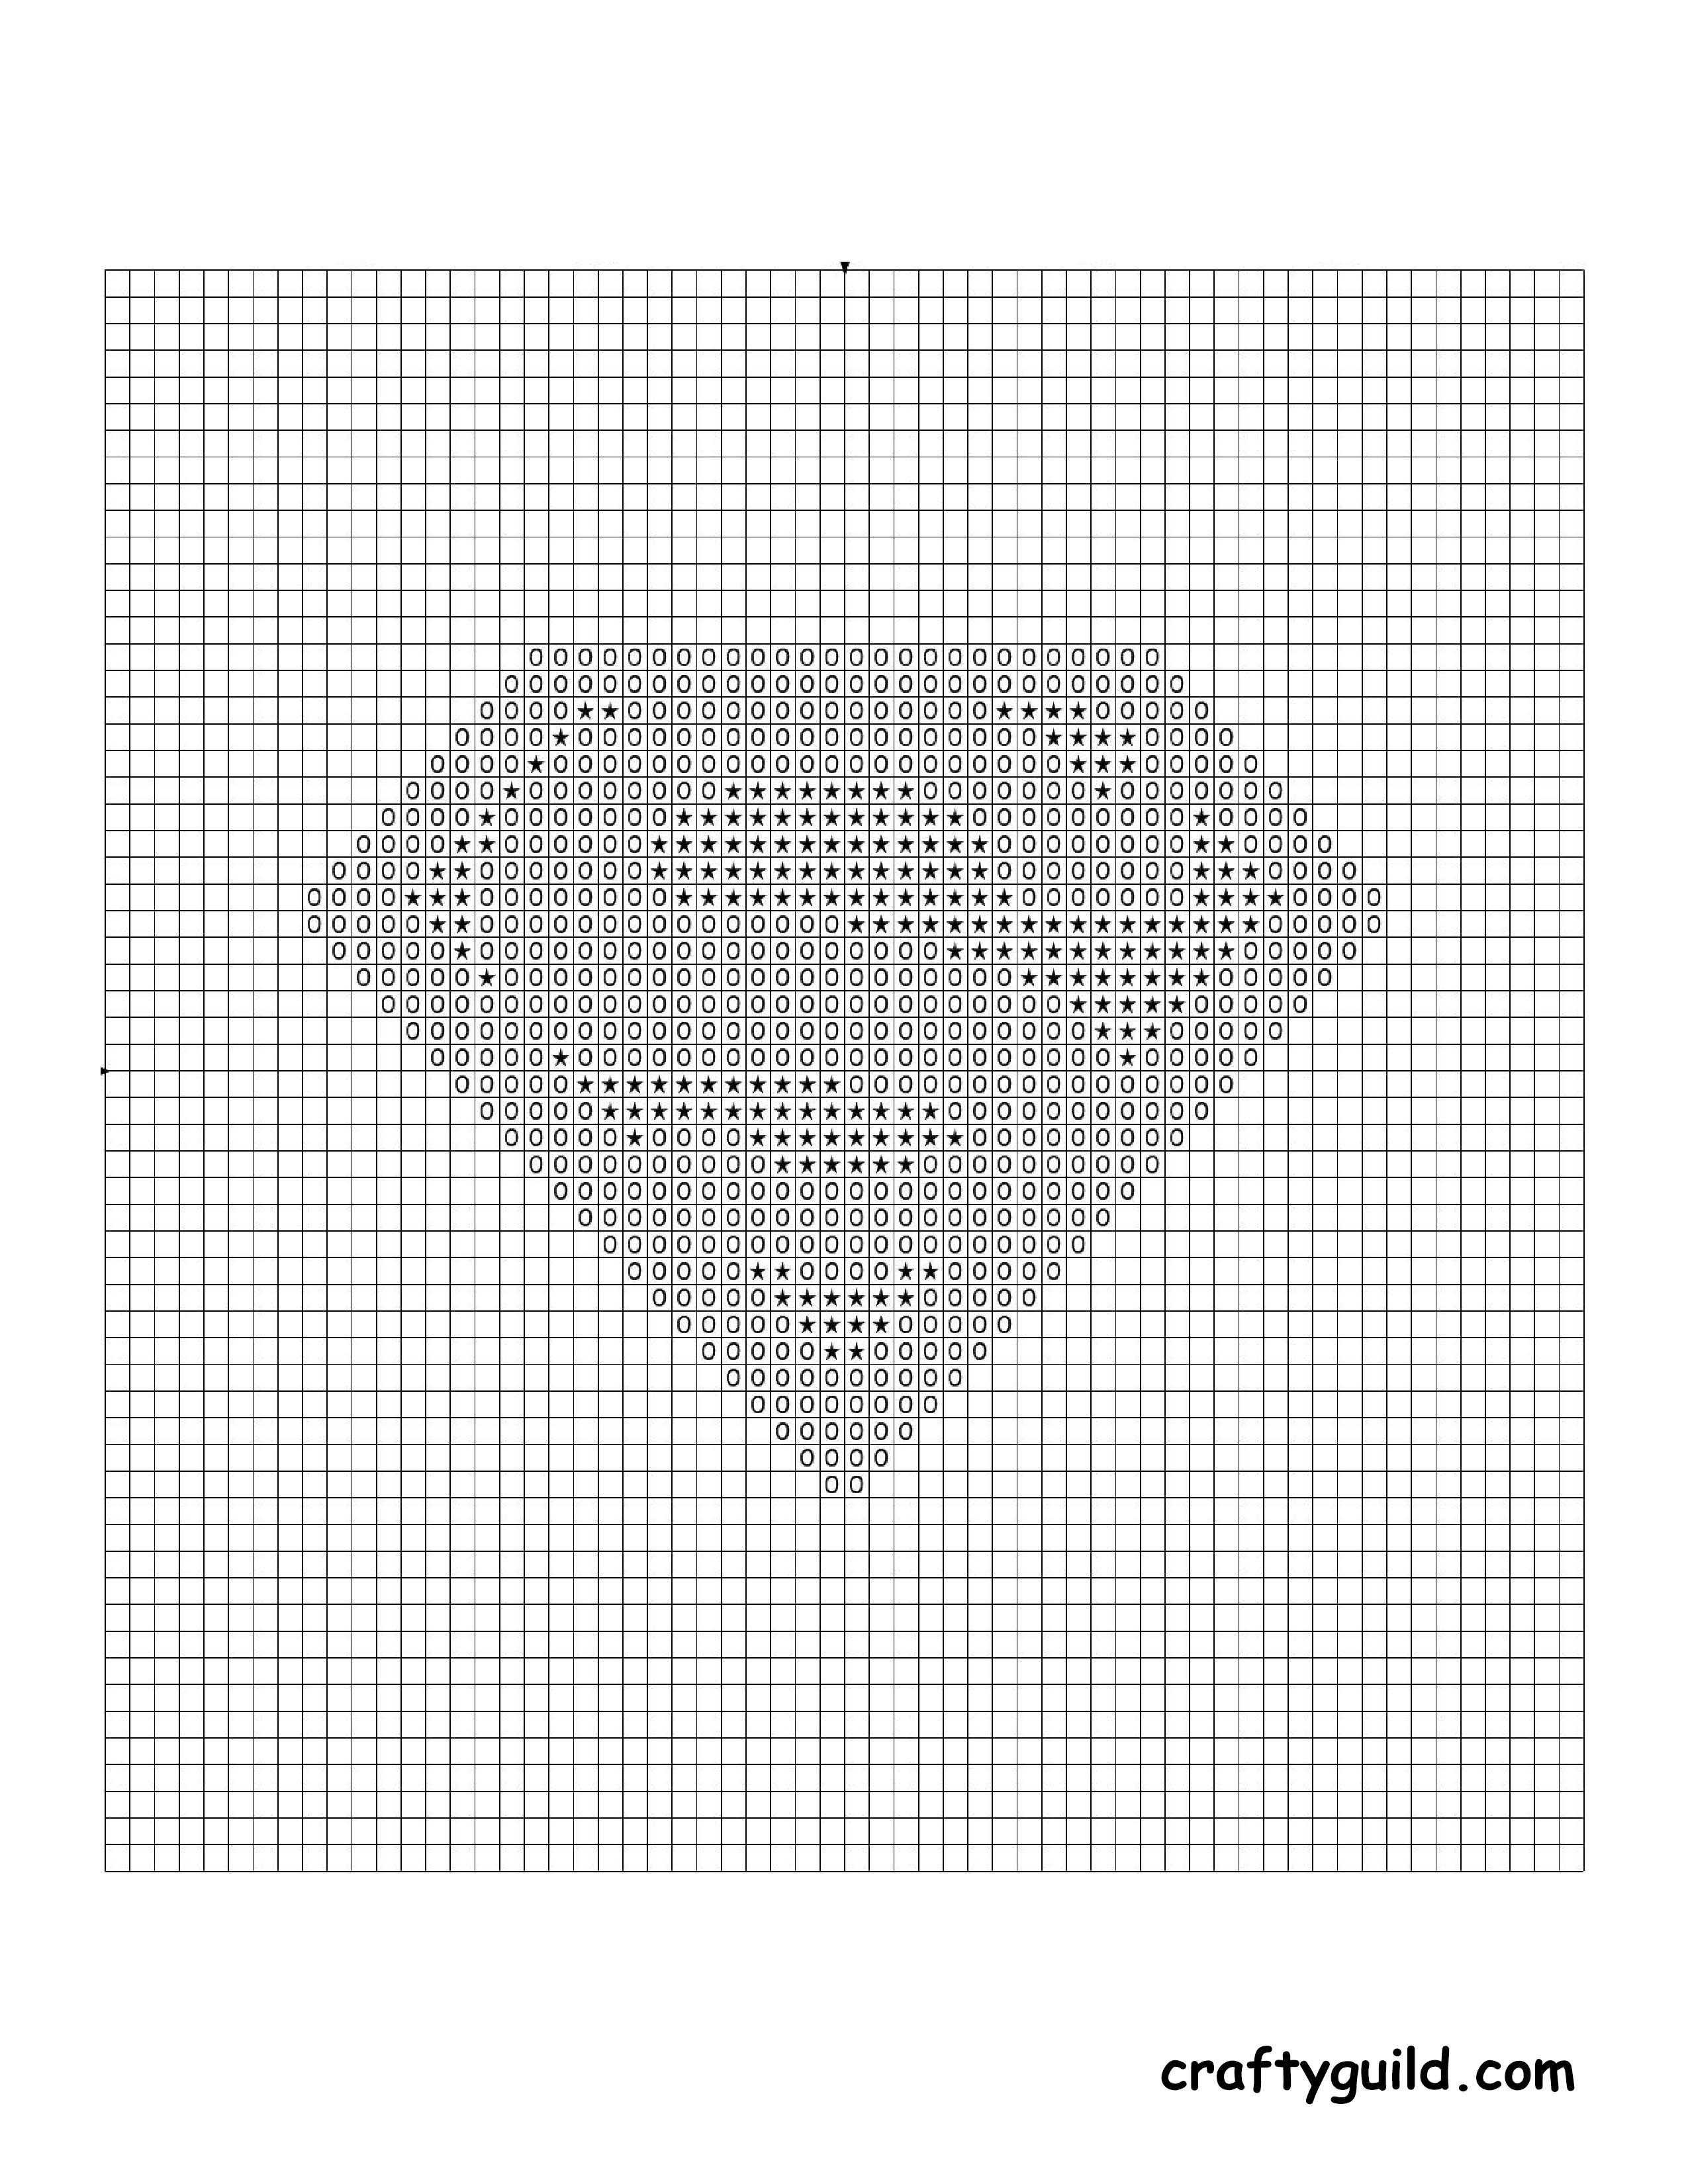 superman-c2c-blanket-01.jpg 2,550×3,300 pixeles | De esquina a ...